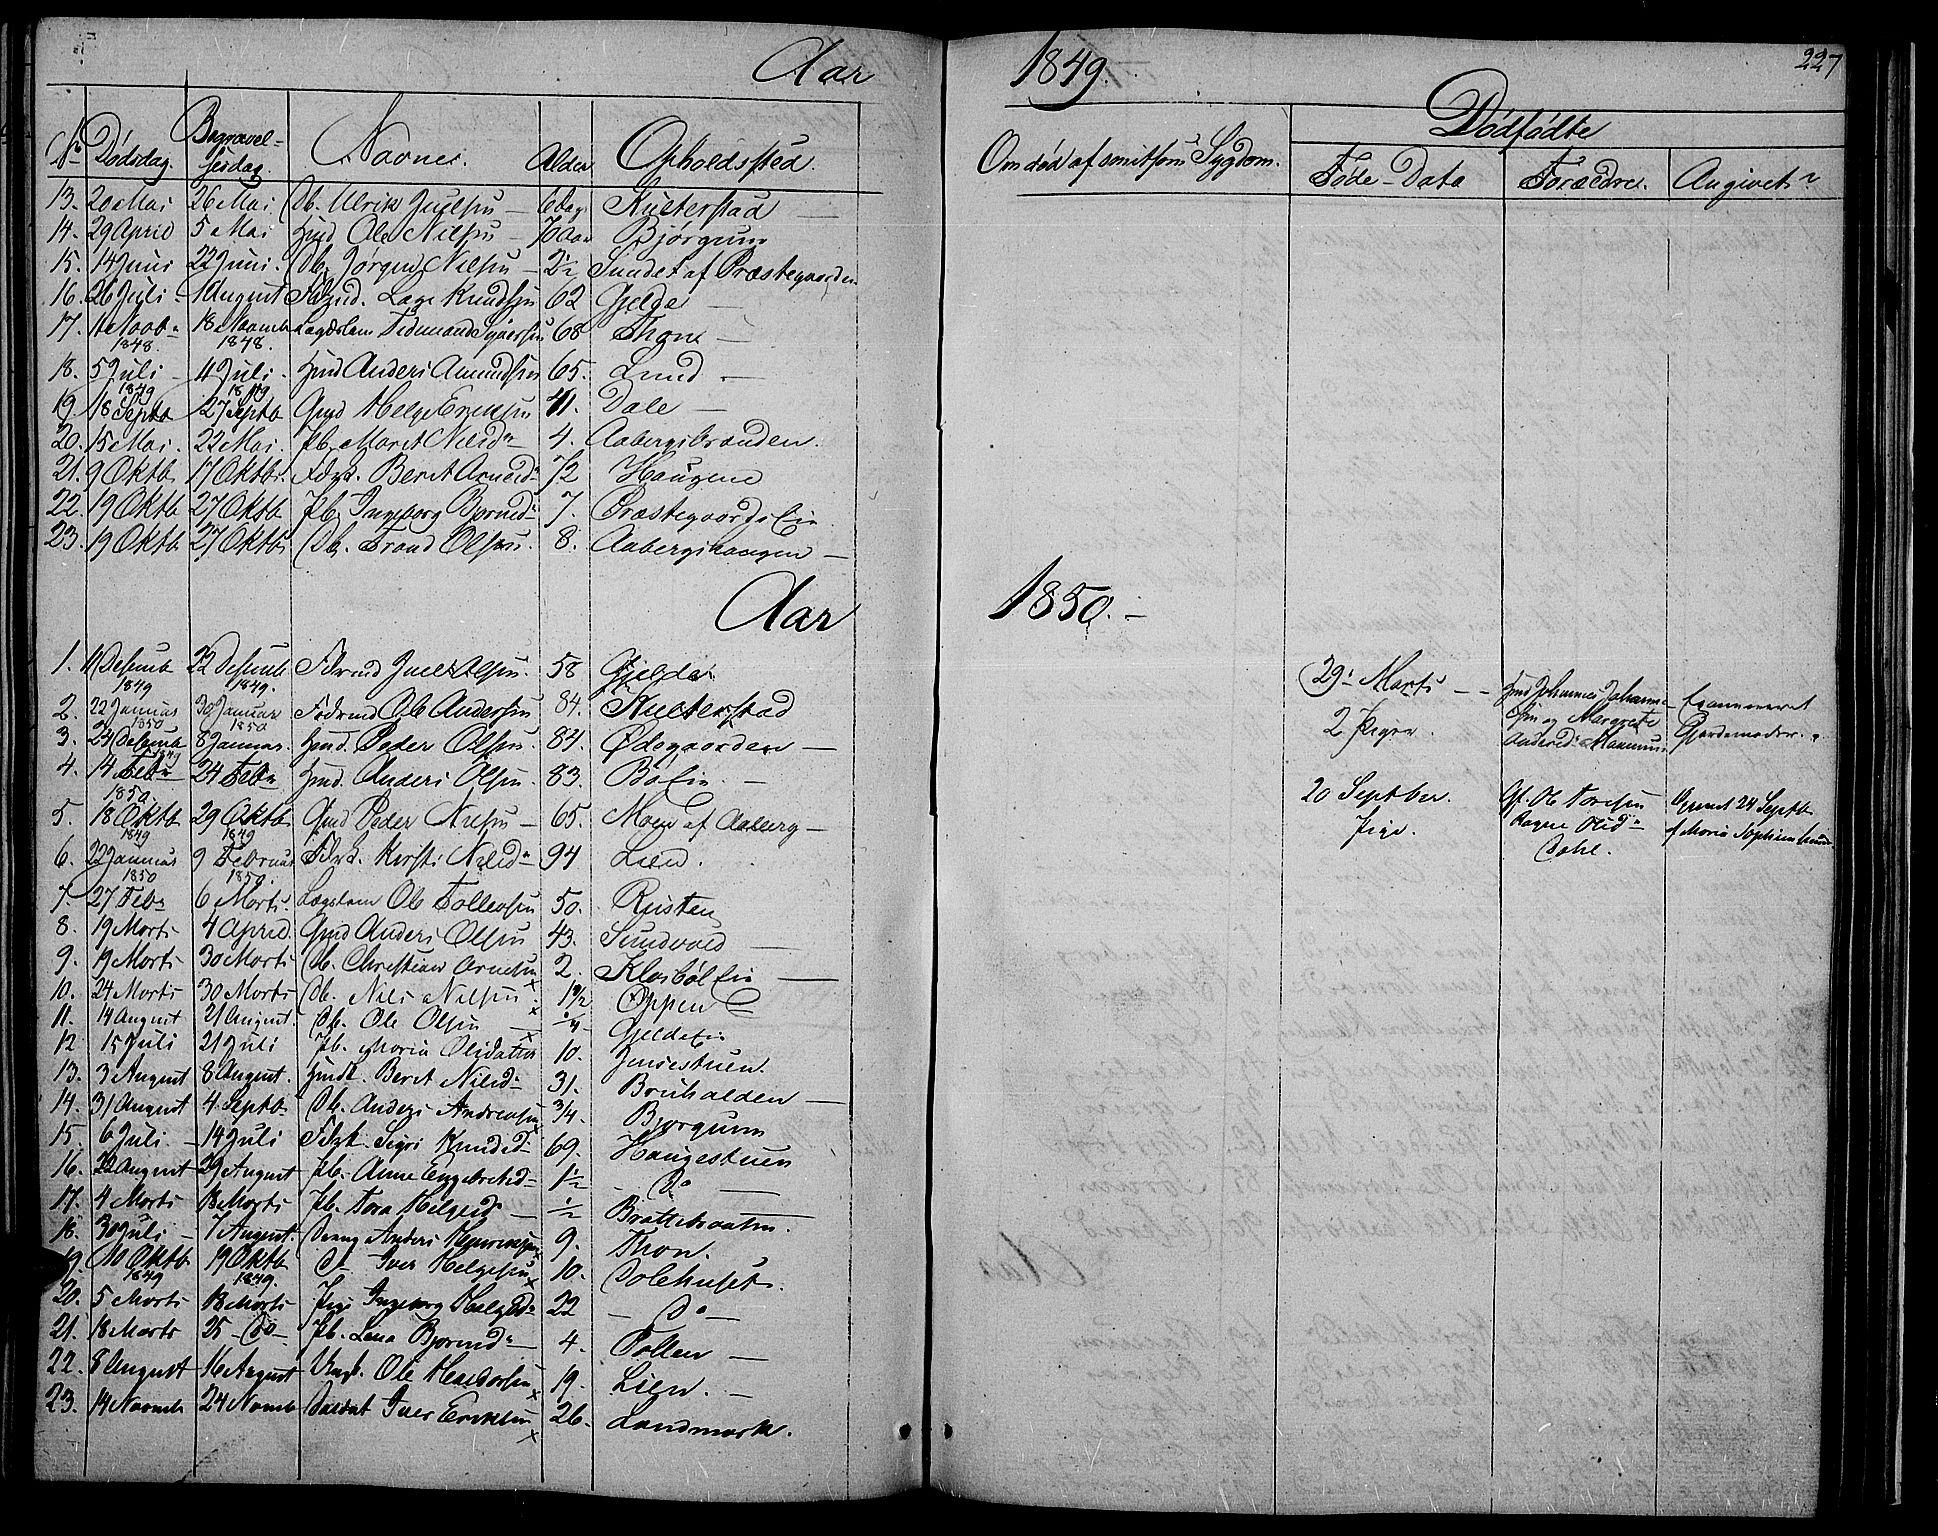 SAH, Nord-Aurdal prestekontor, Klokkerbok nr. 2, 1842-1877, s. 227